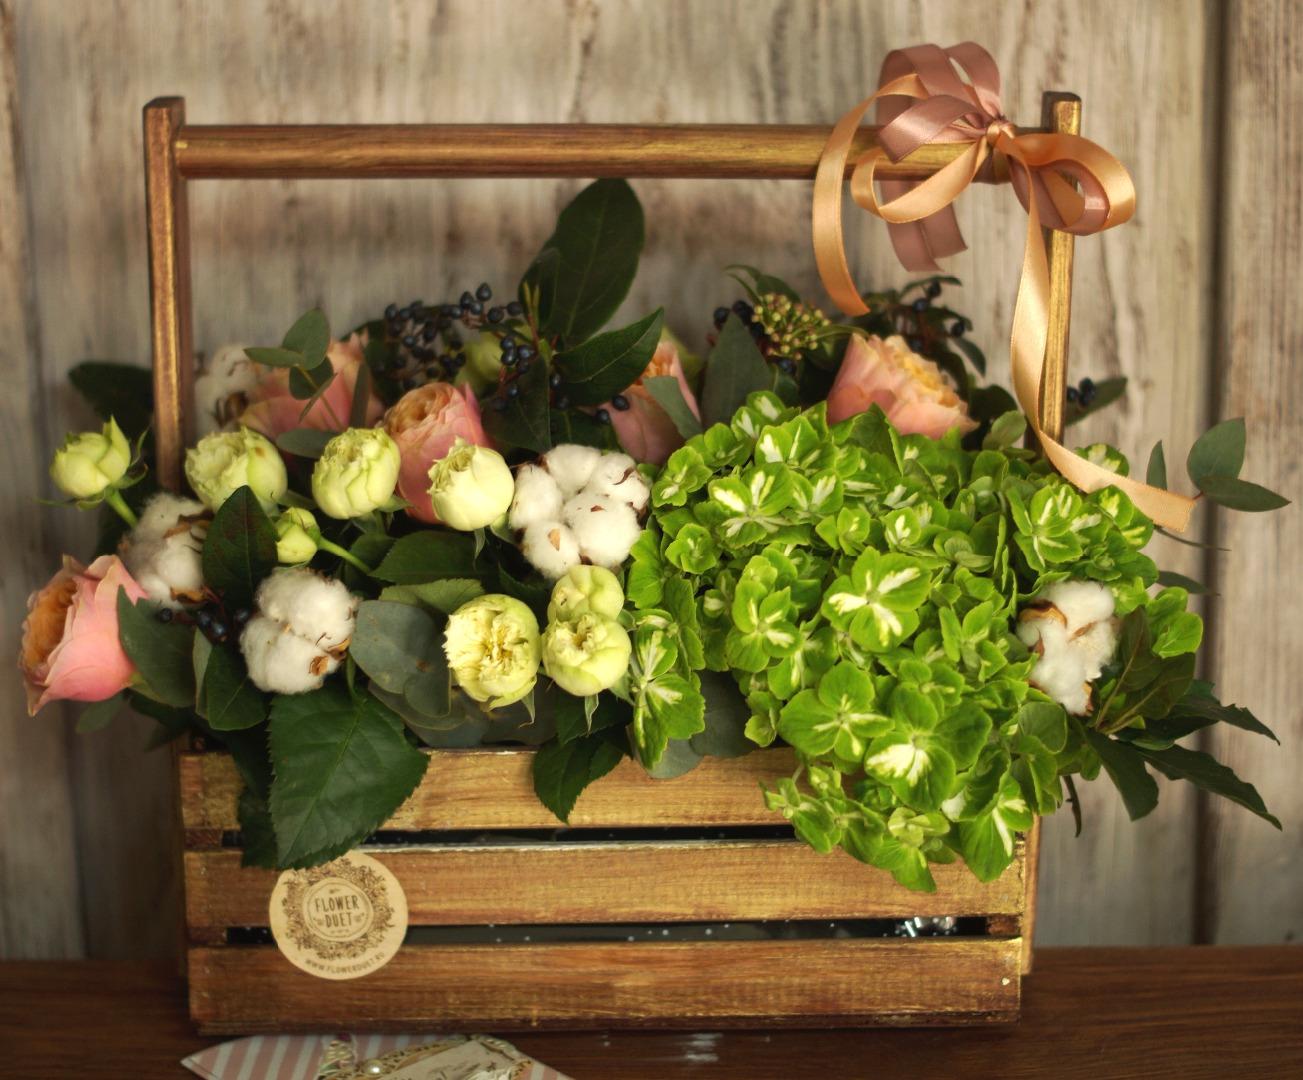 Купить цветы онлайн челябинске недорого